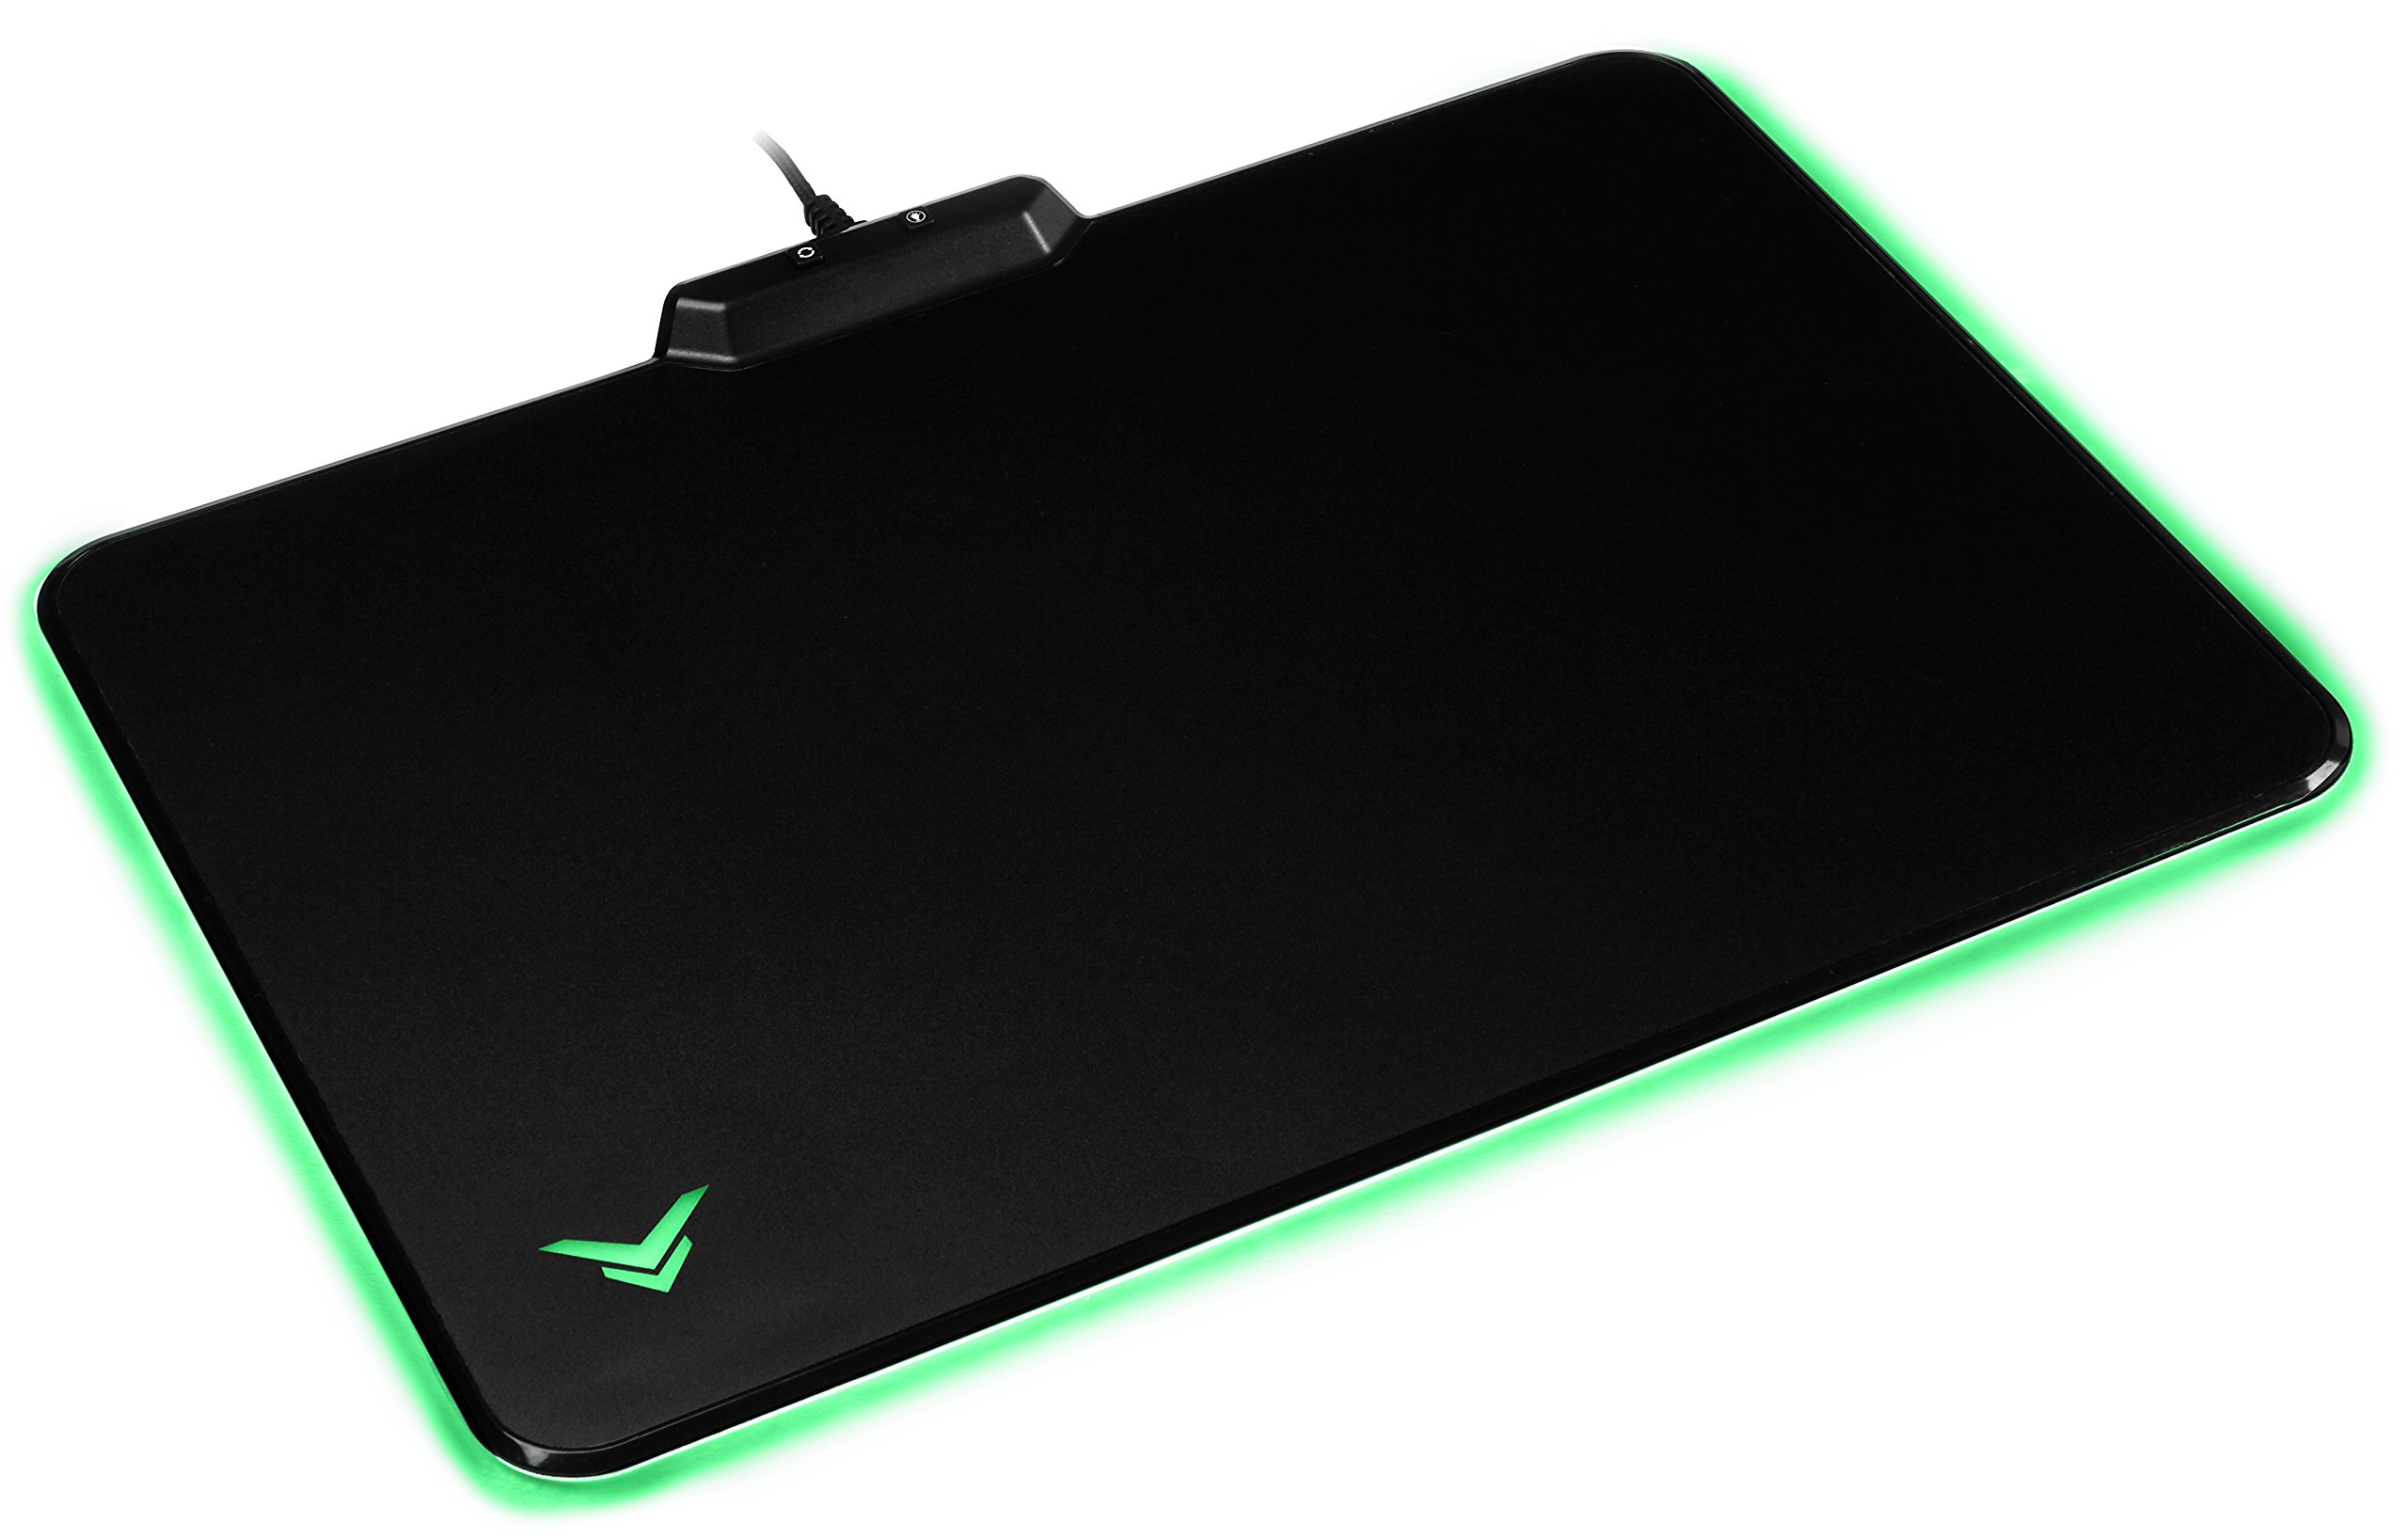 AmazonBasics Hard Gaming Mouse Pad with LED Lighting Effects by AmazonBasics